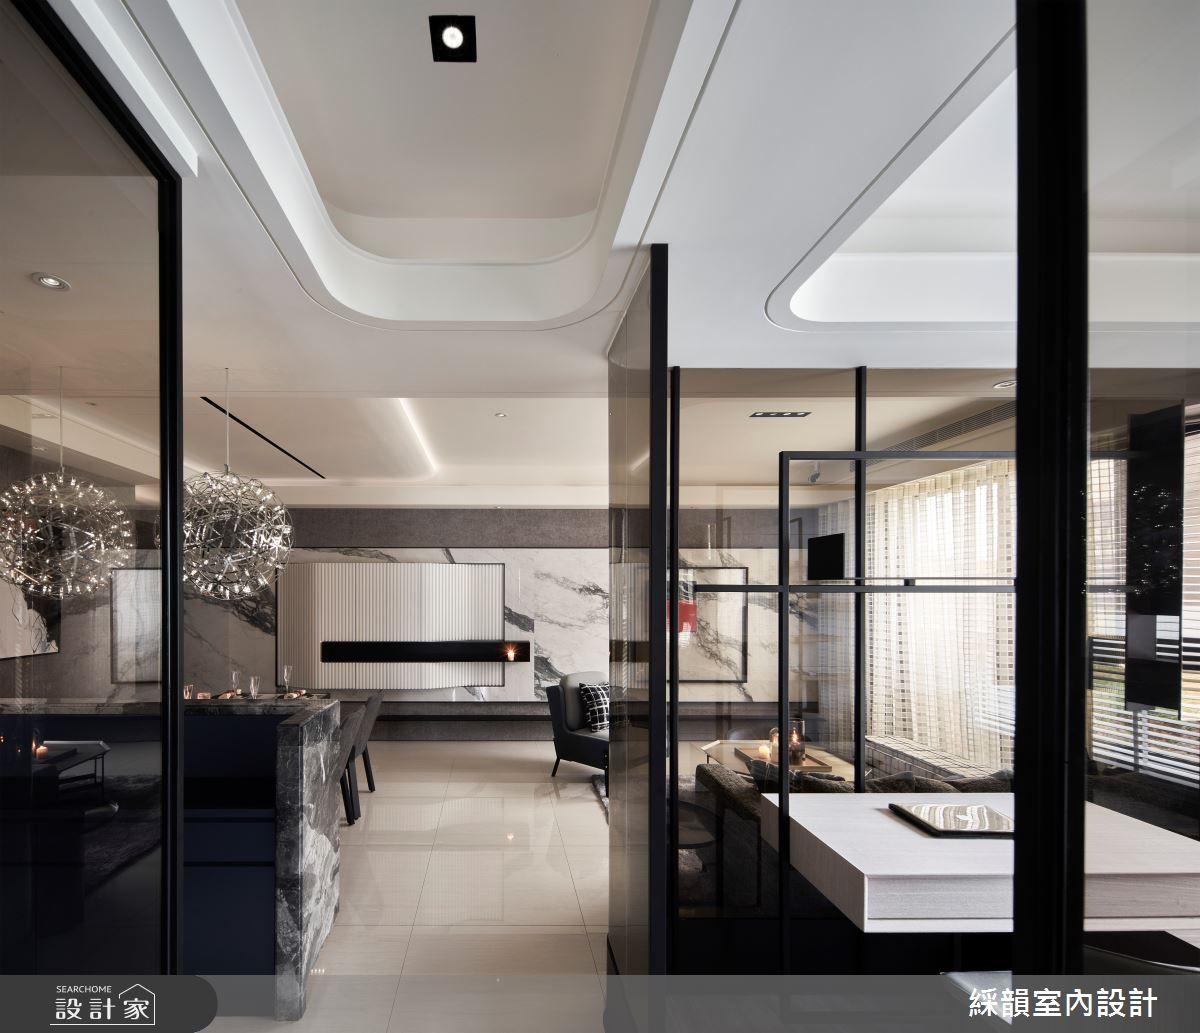 45坪預售屋_現代風案例圖片_綵韻室內設計有限公司_綵韻_39之13